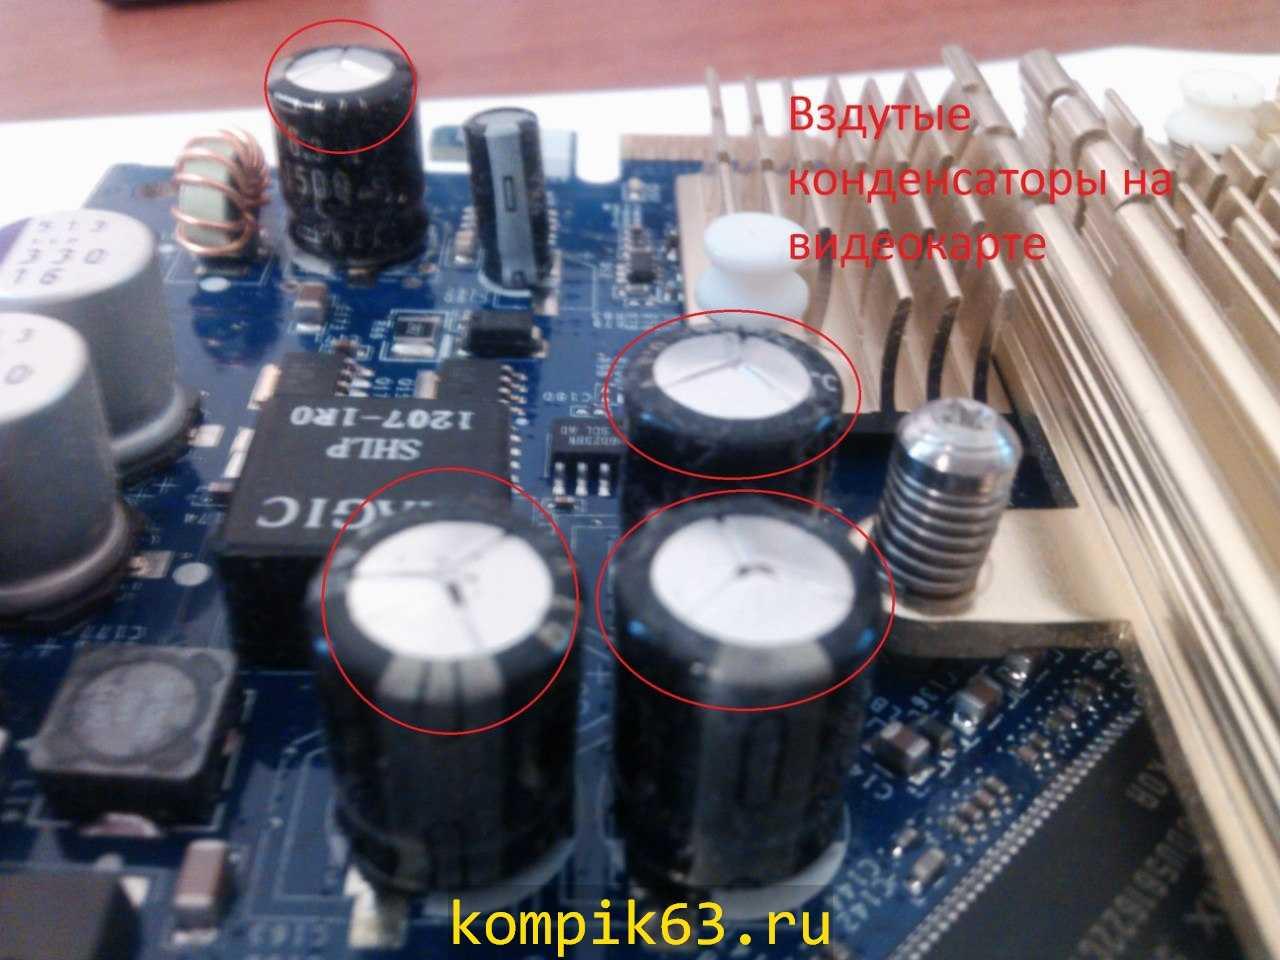 kompik63.ru-145